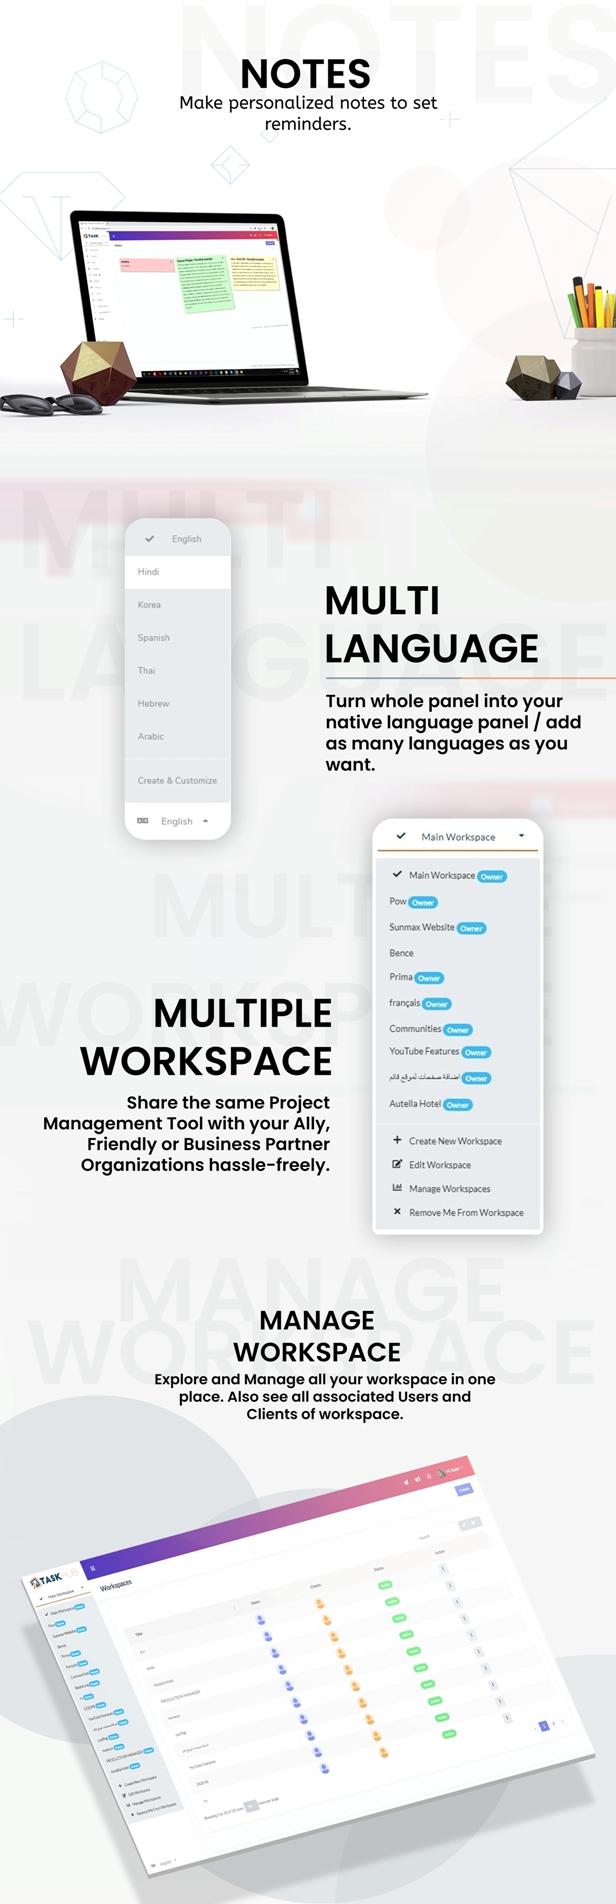 5 - notes-multiple-workspaces-multi-languages - Taskhub SaaS - v1.0